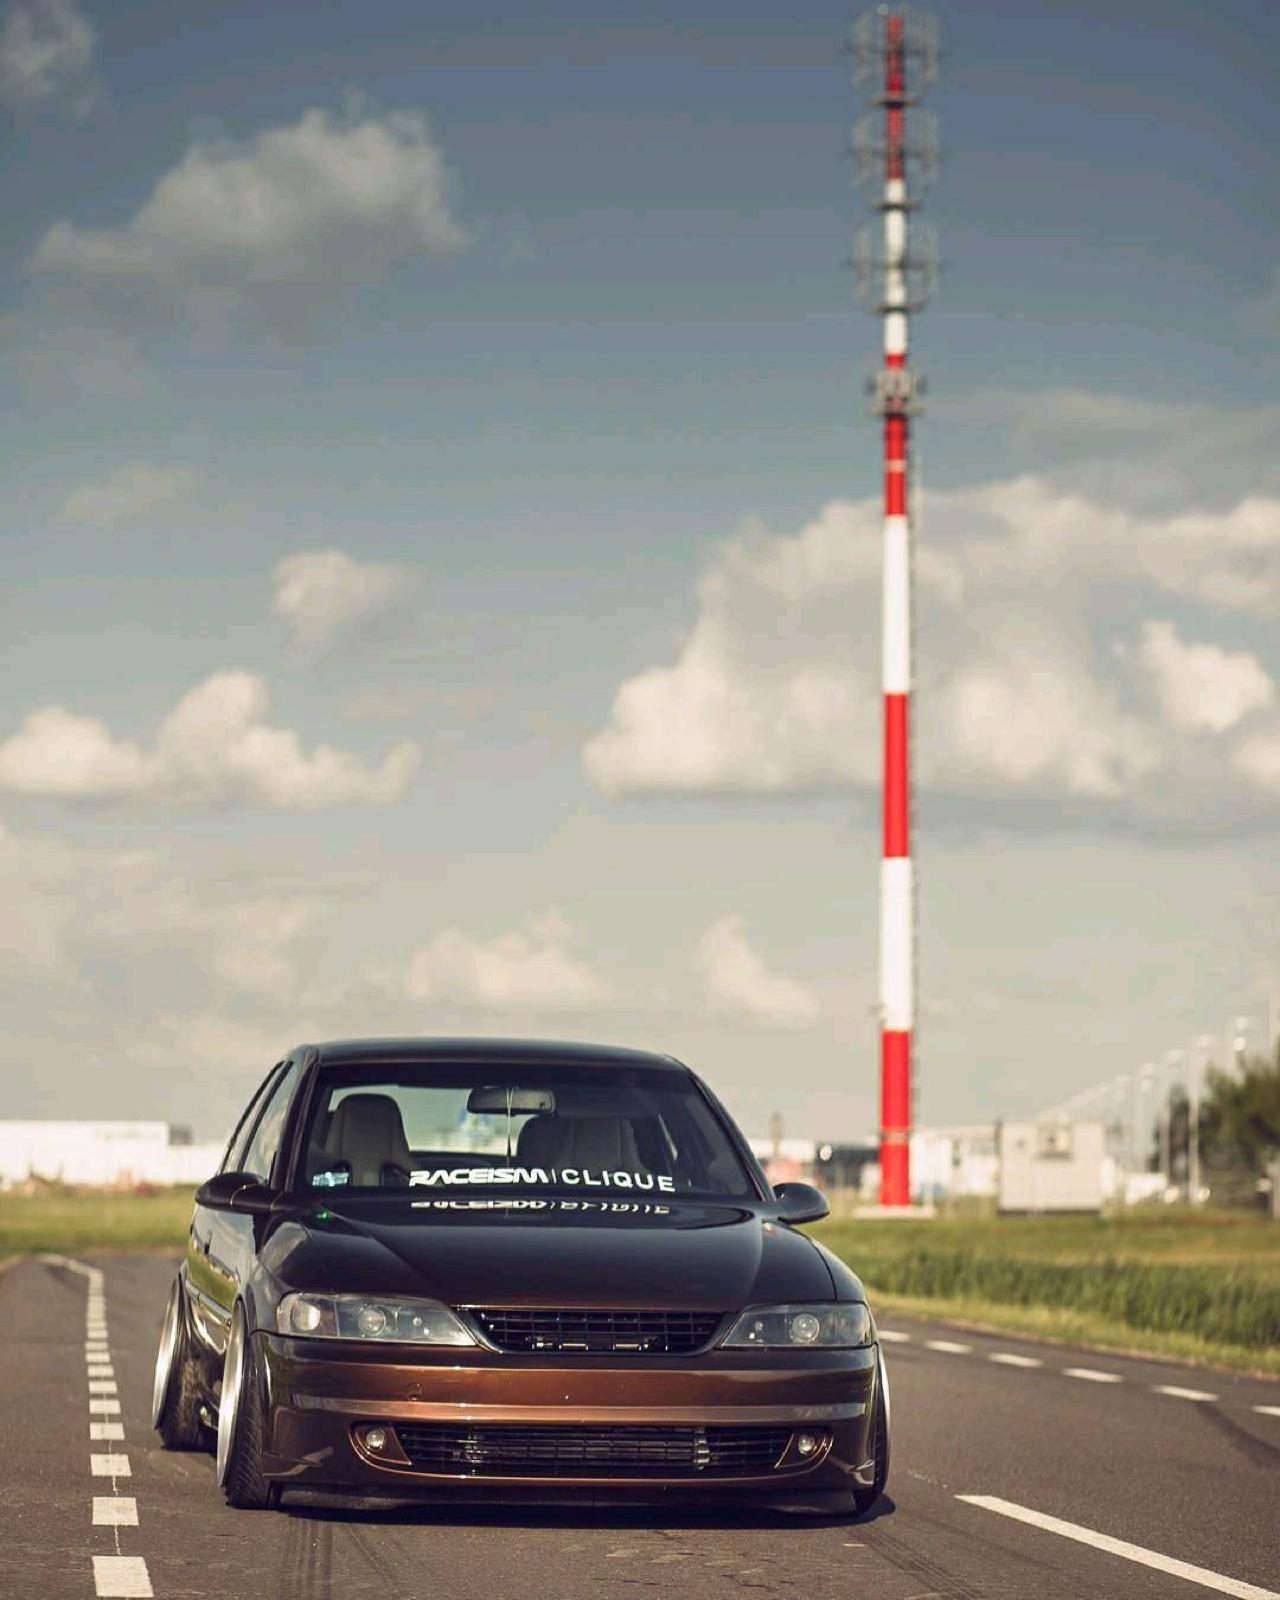 Slammed Opel Vectra... Pari osé ! 17